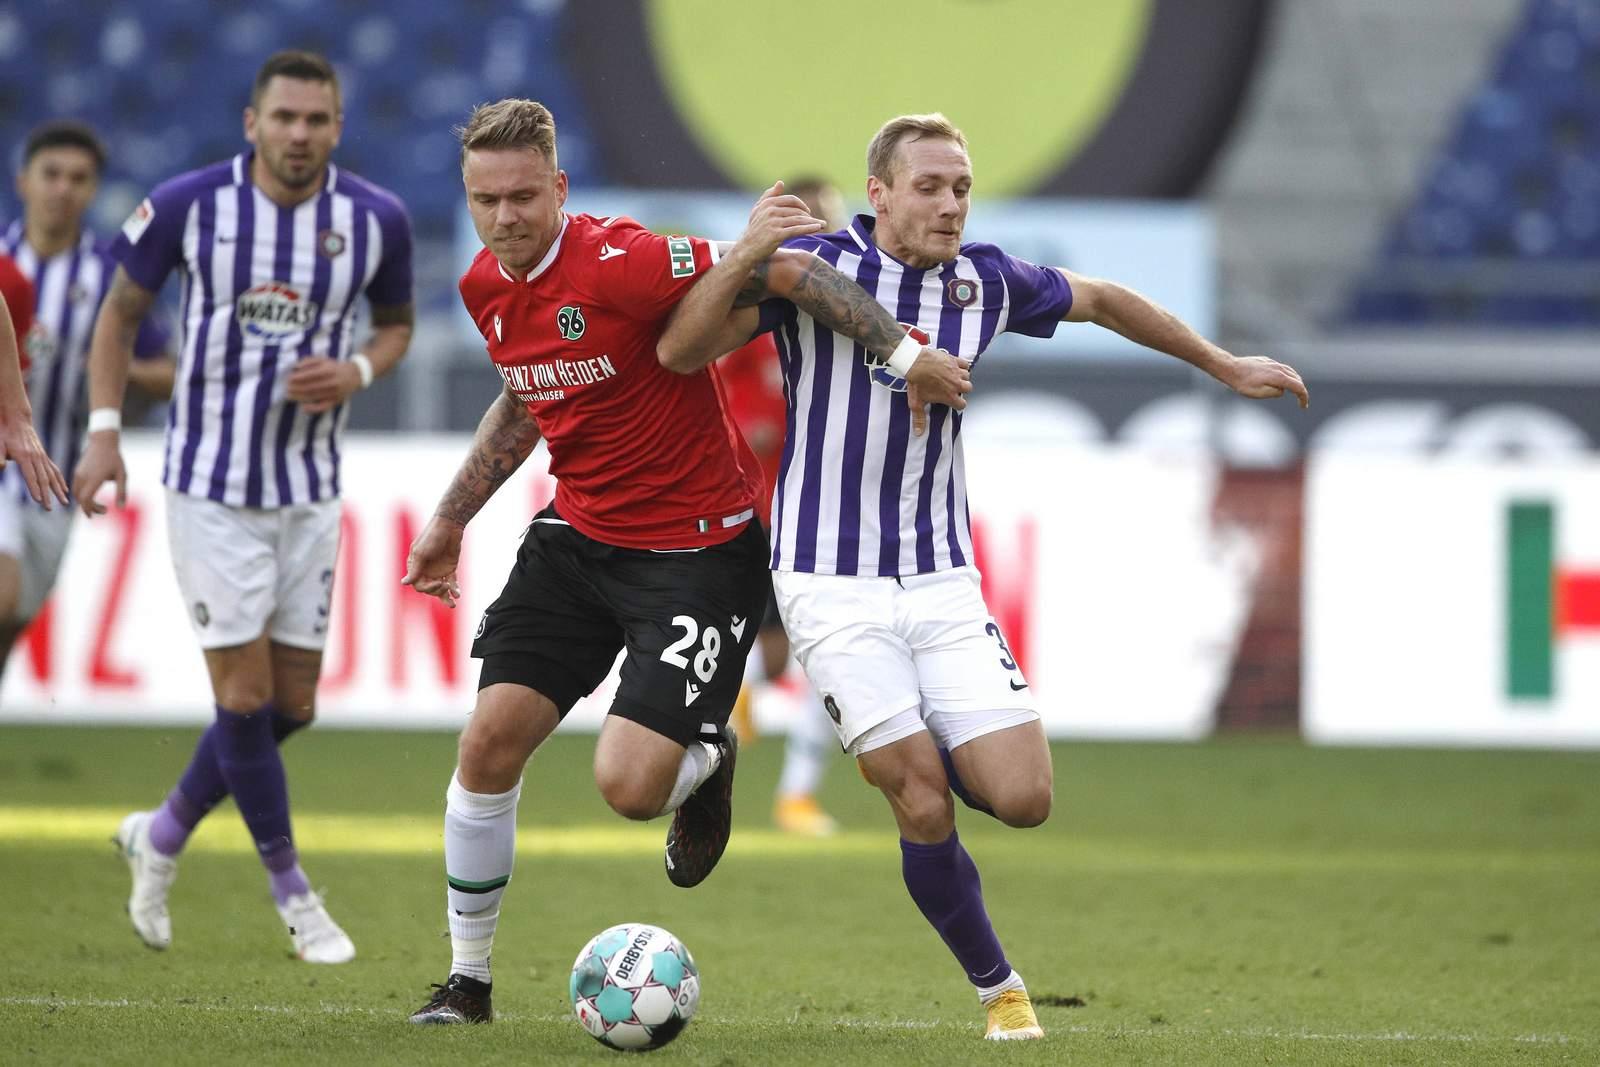 Marcel Franke von Hannover 96 gegen Ben Zolinski von Erzgebirge Aue